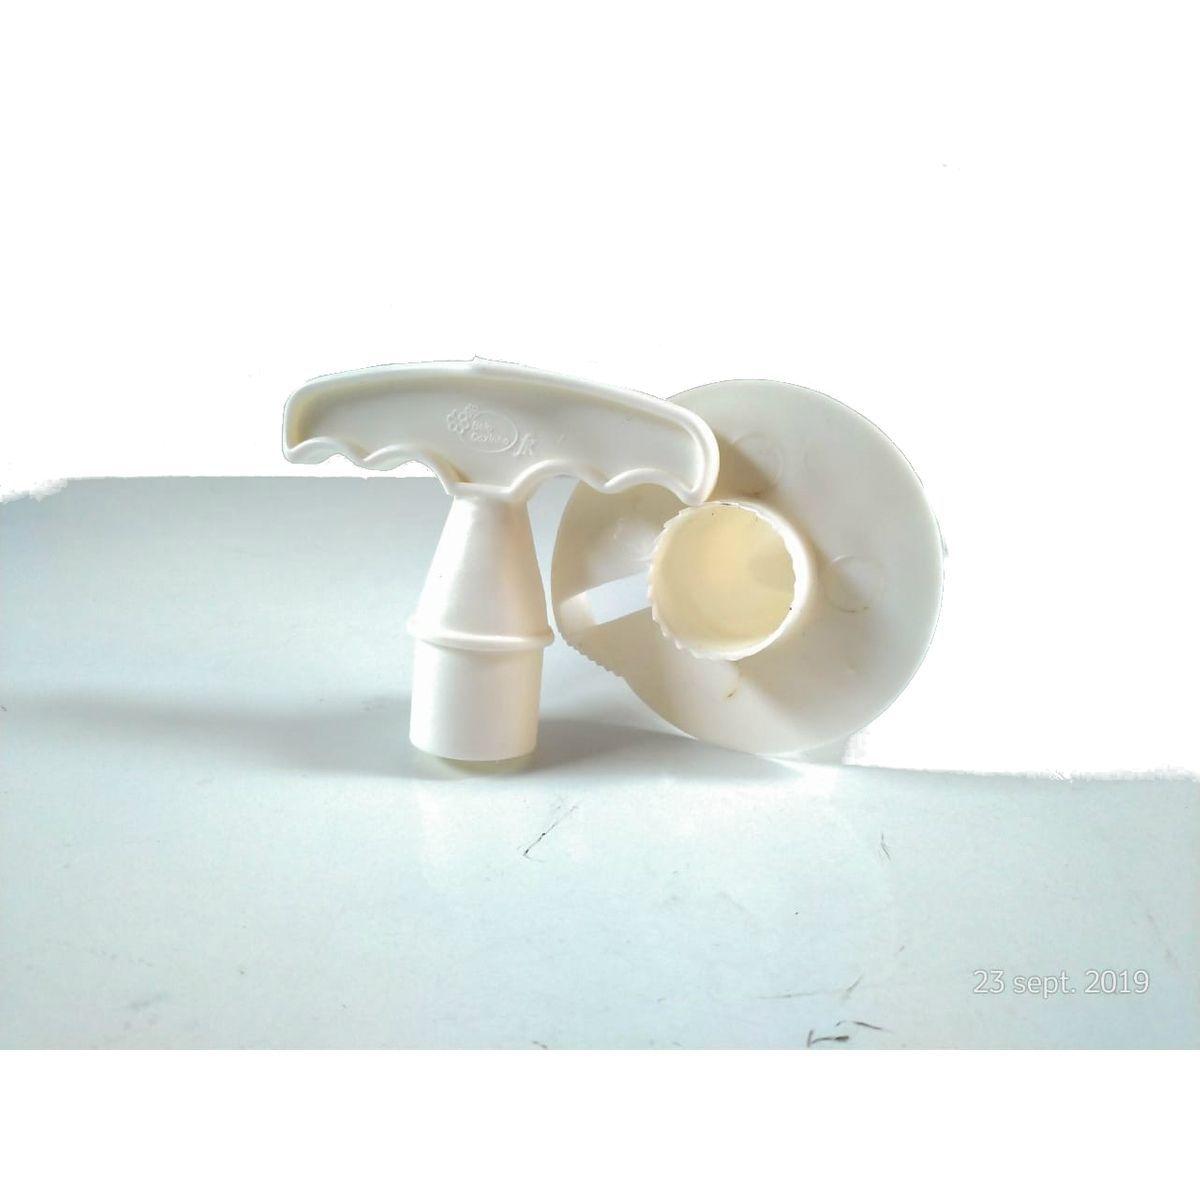 Descascador De Abacaxi Caseiro Plástico Reforçado - Gallizzi